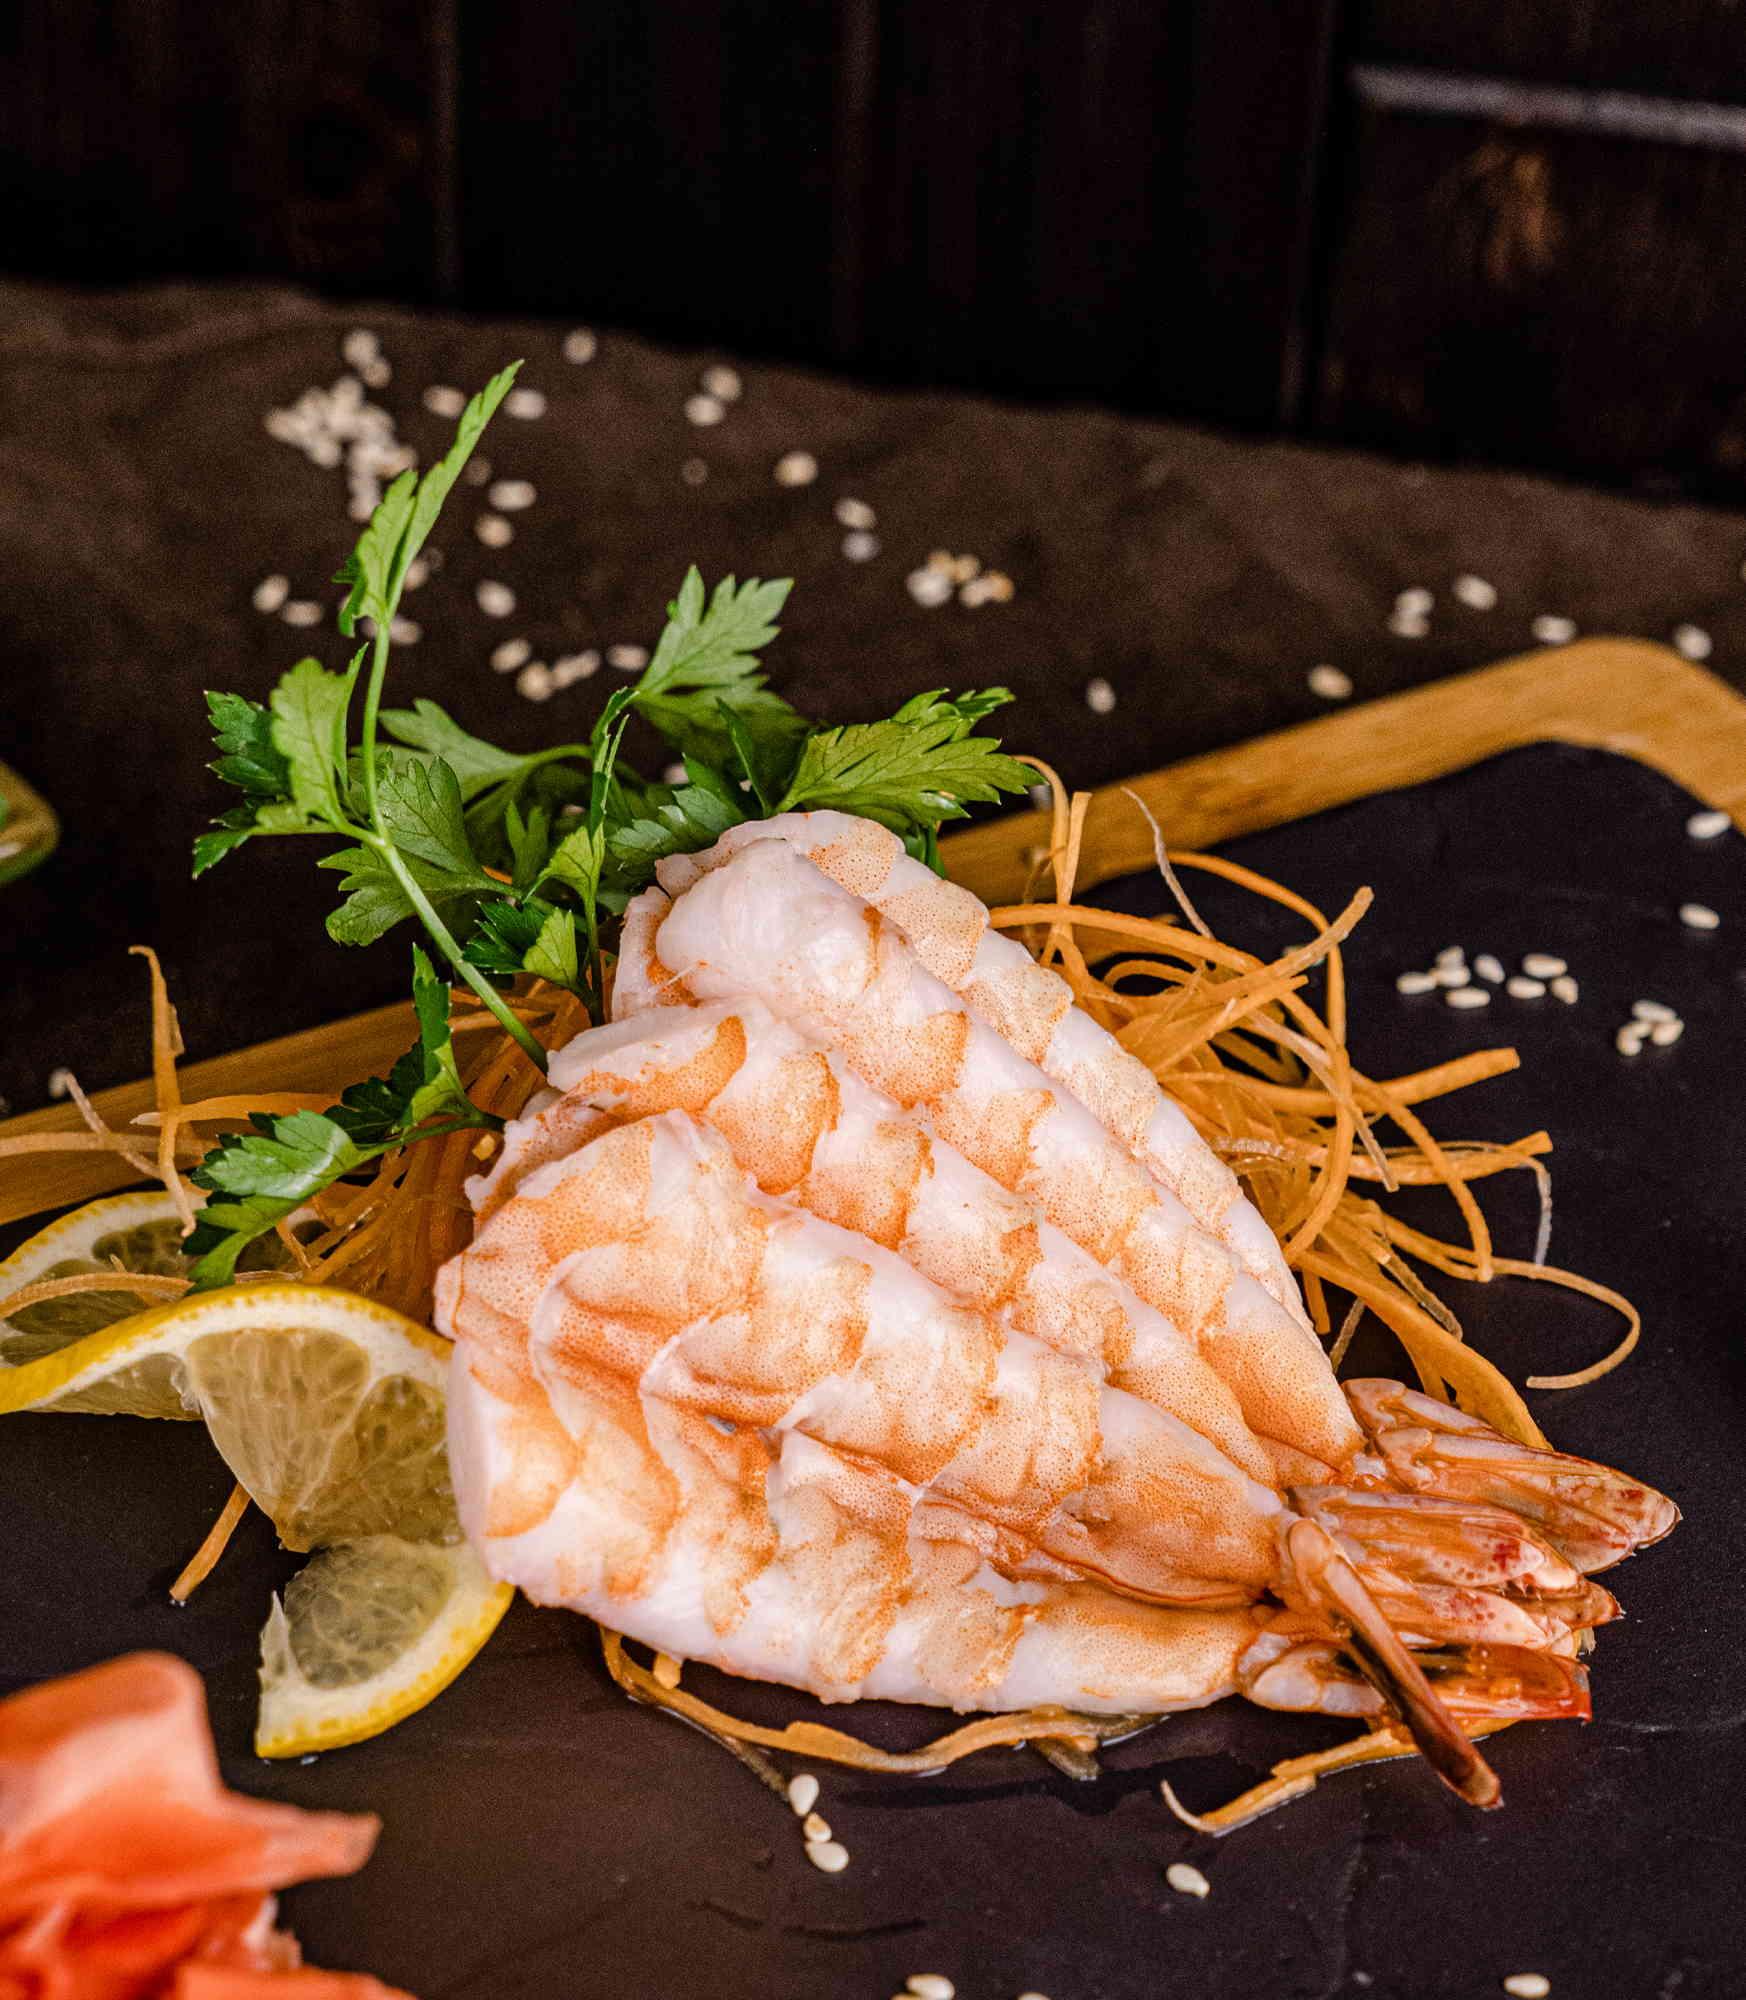 Сашими Креветка доставка суши роллов в Орле ресторан Лабиринт